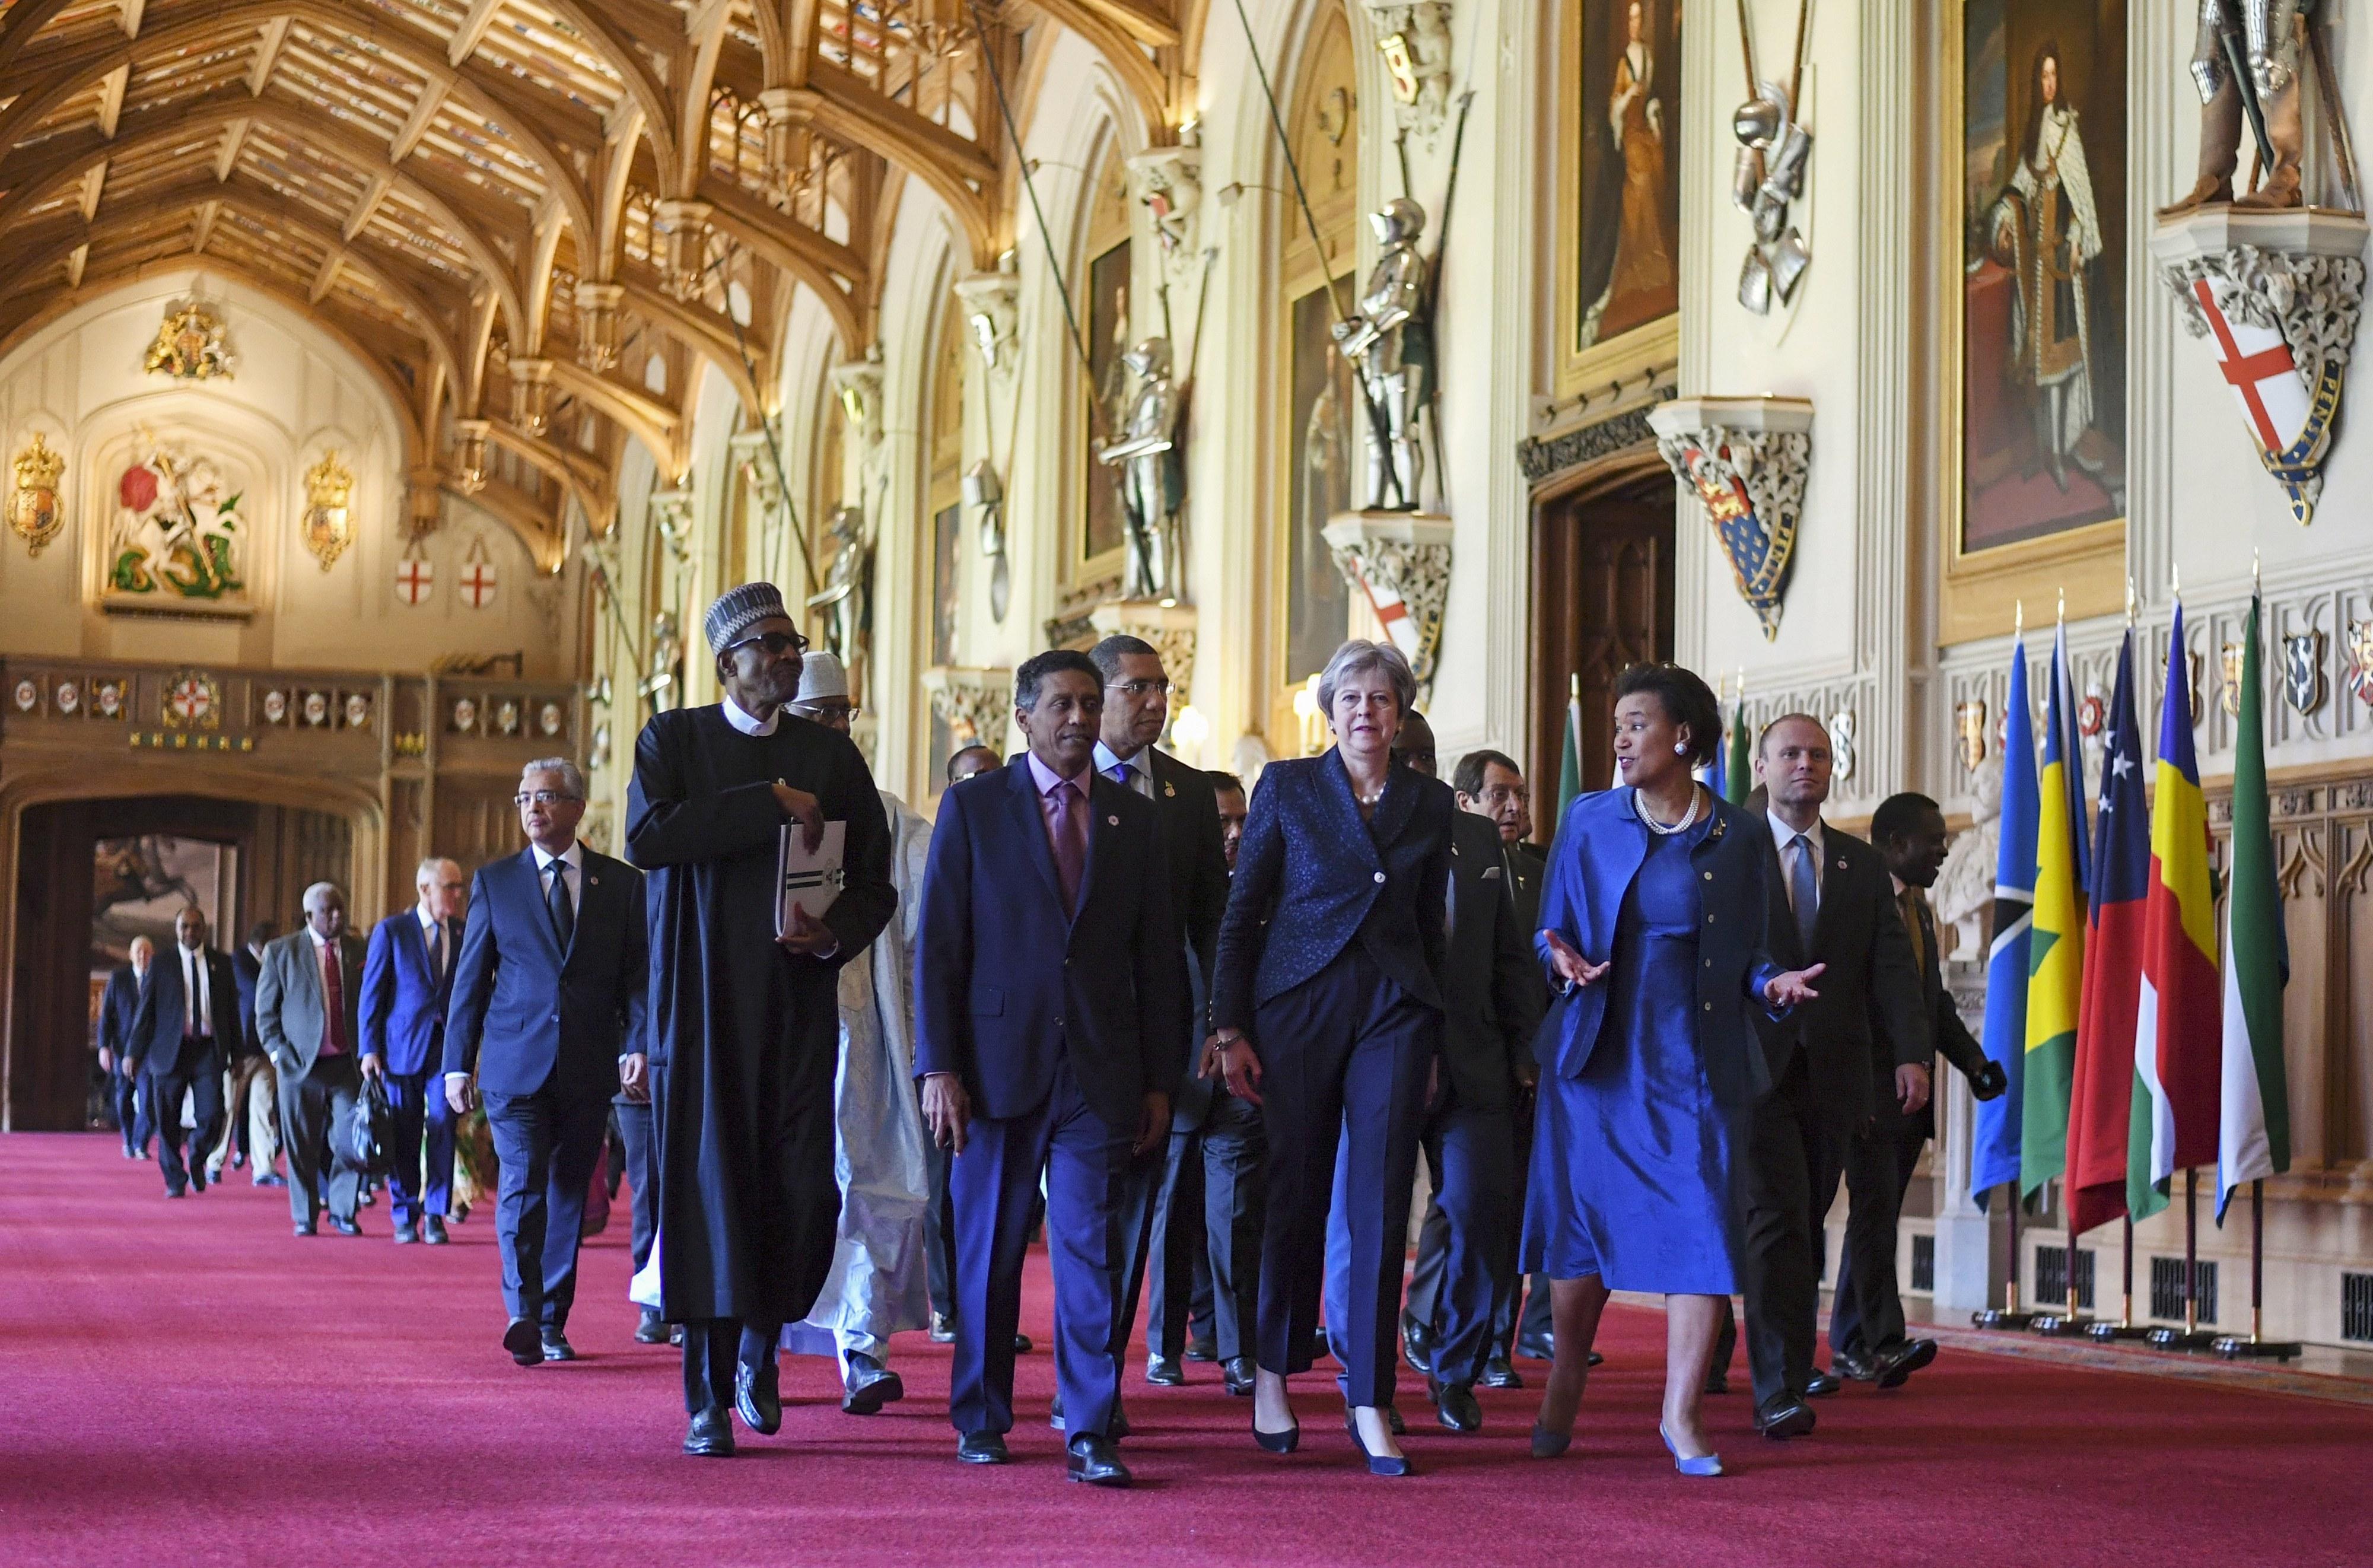 Príncipe Carlos vai suceder à rainha como líder da Commonwealth